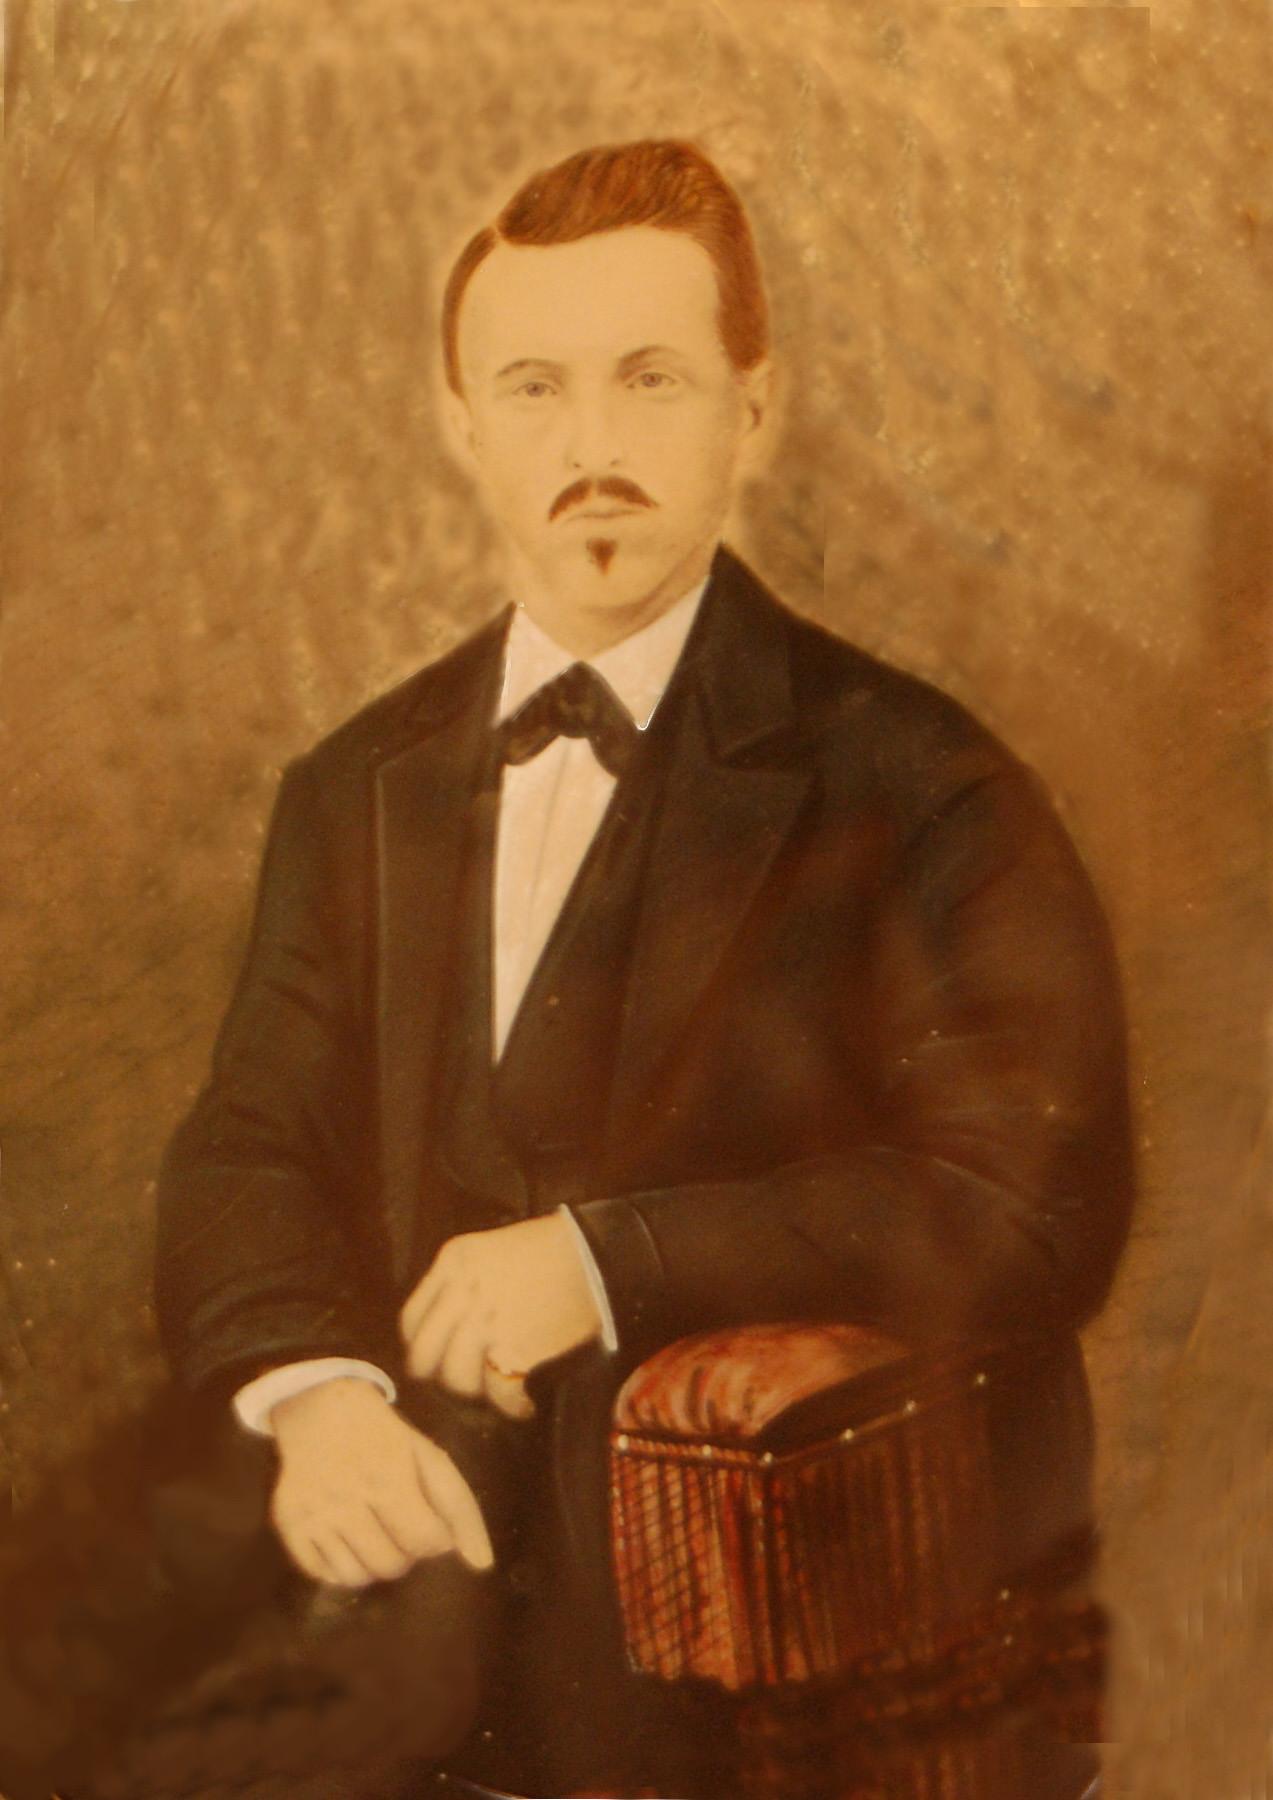 Frank E. McCulloch